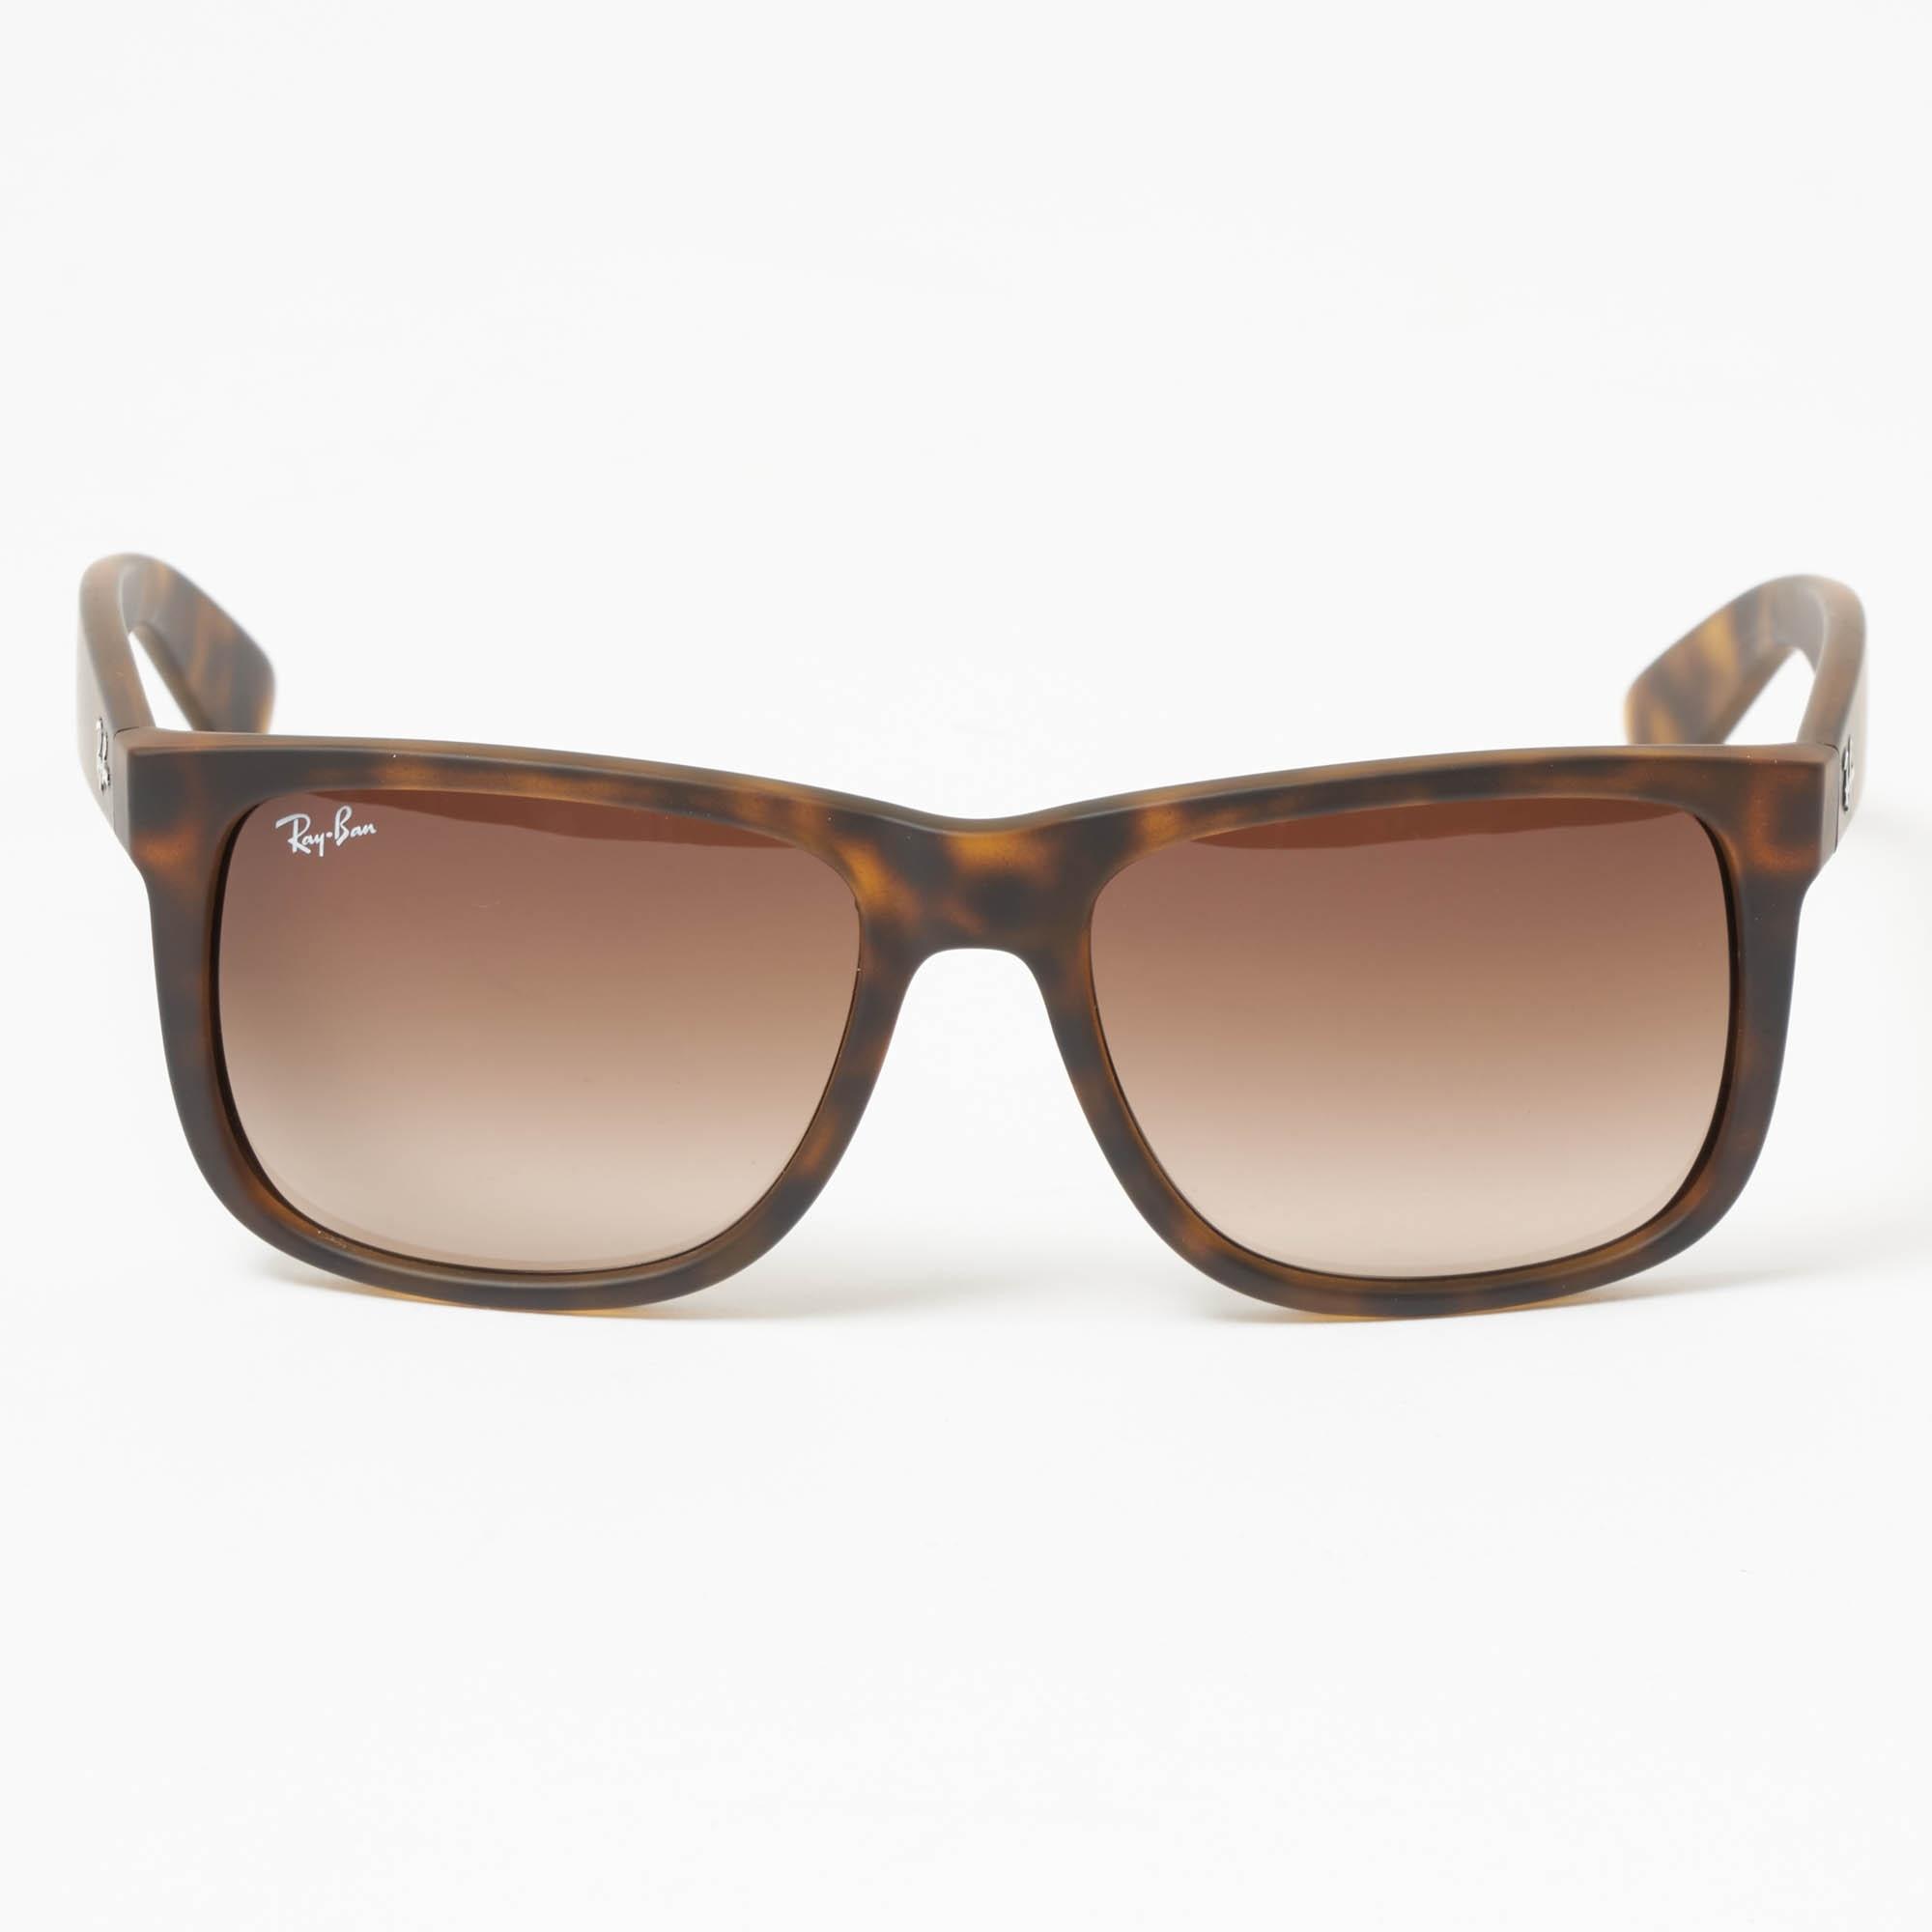 Ray Ban Tortoise Justin Sunglasses | Stuarts London